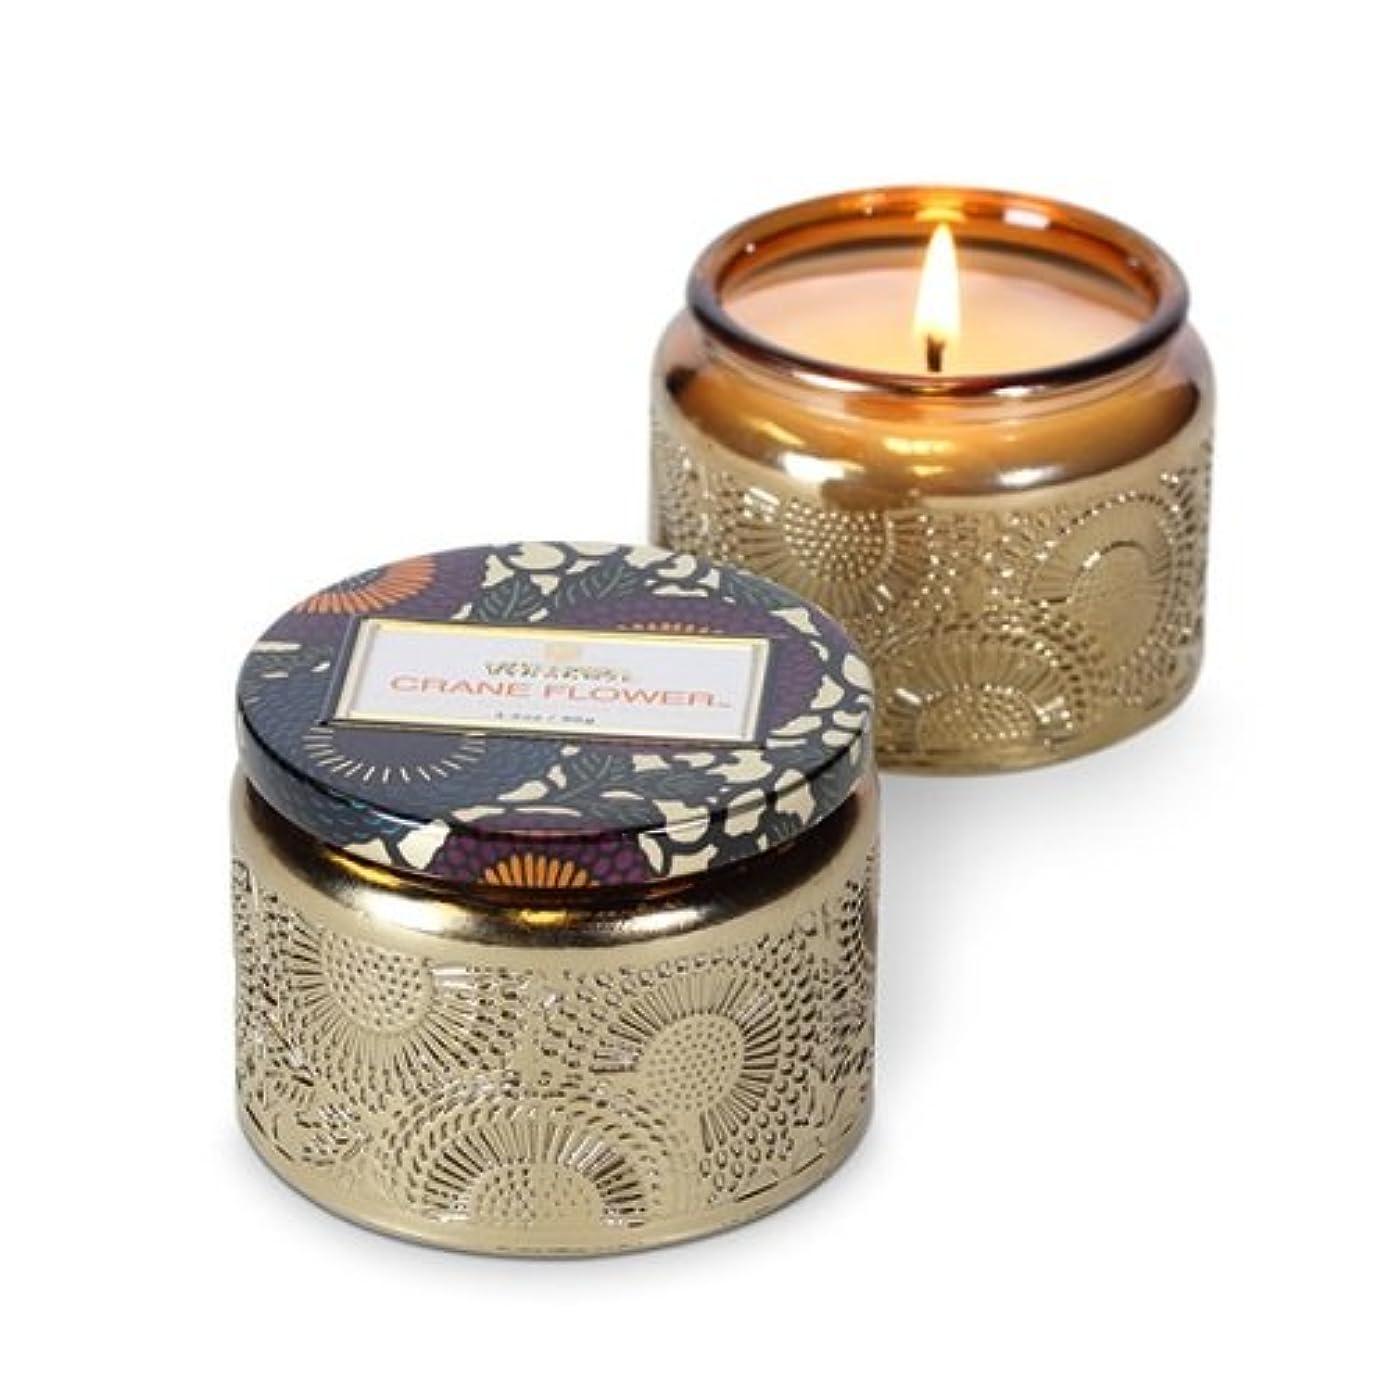 優雅なピケペチュランスVoluspa ボルスパ ジャポニカ グラスジャーキャンドル S クレーンフラワー JAPONICA Glass jar candle CRANE FLOWER